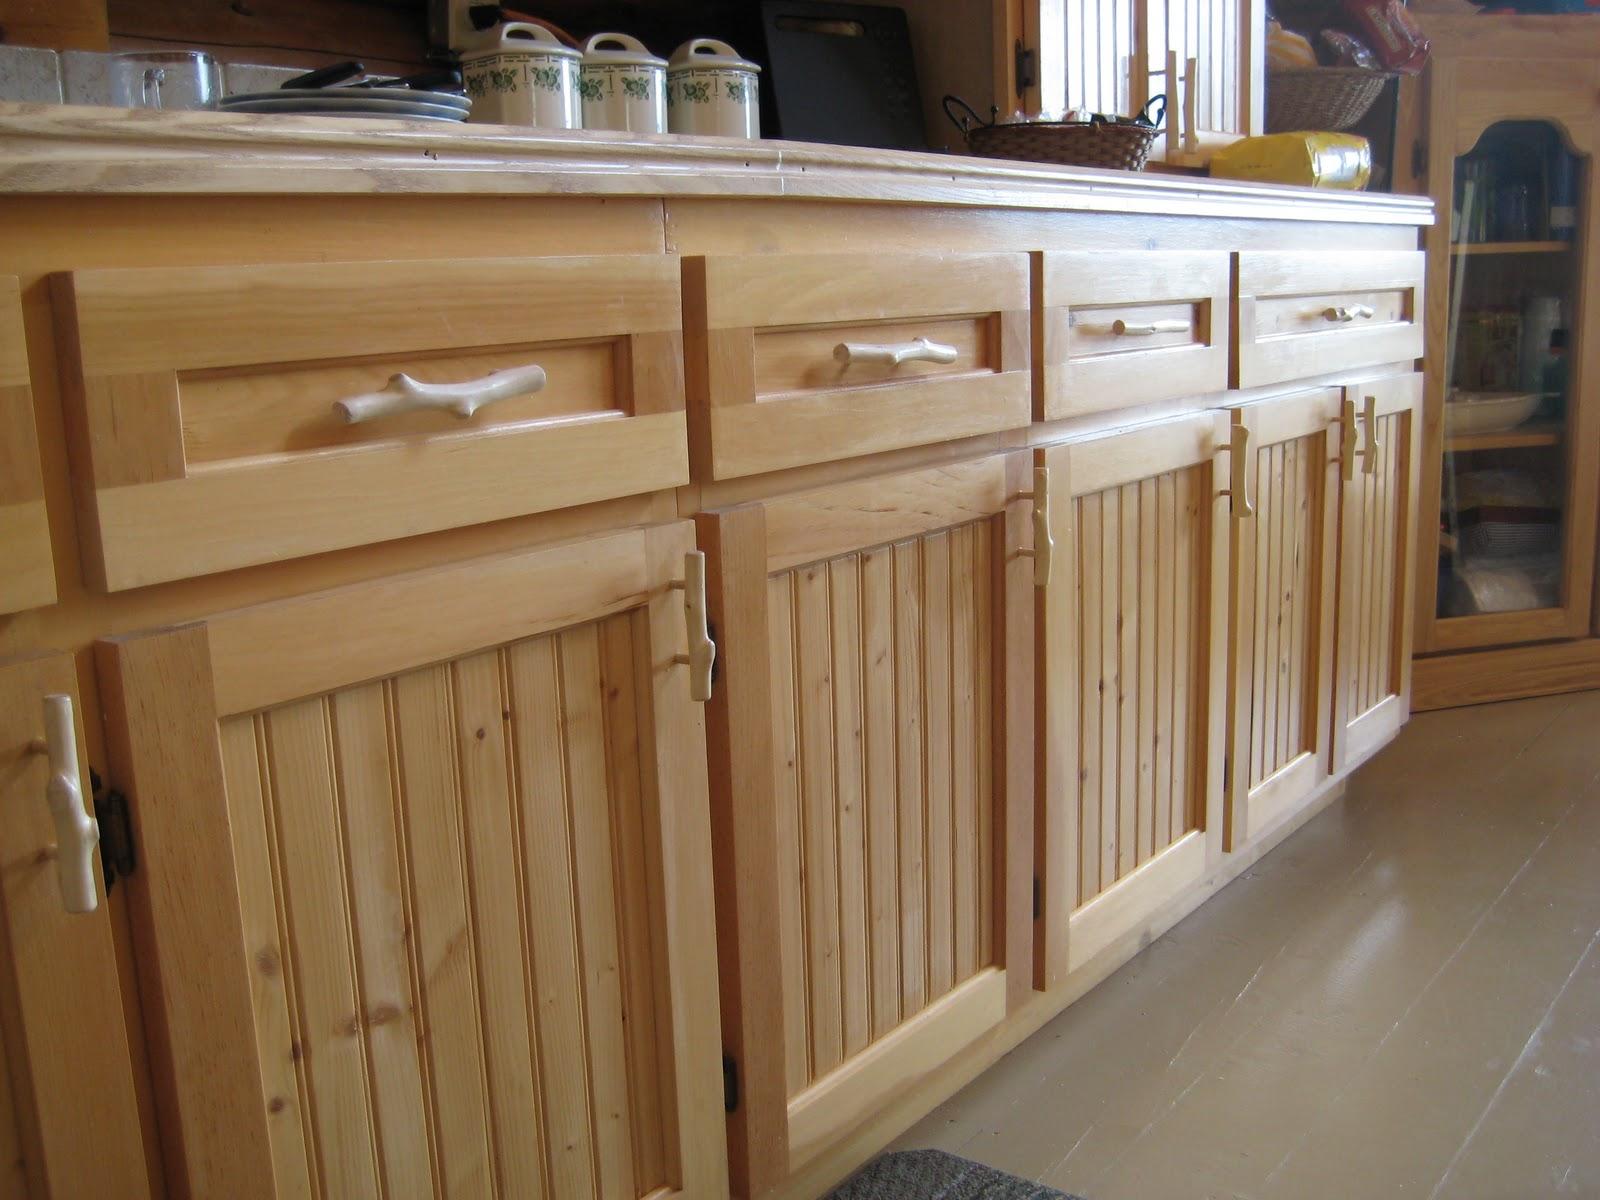 Bienvenue au lac st pierre l 39 int rieur la cuisine for Poignee de porte armoire cuisine